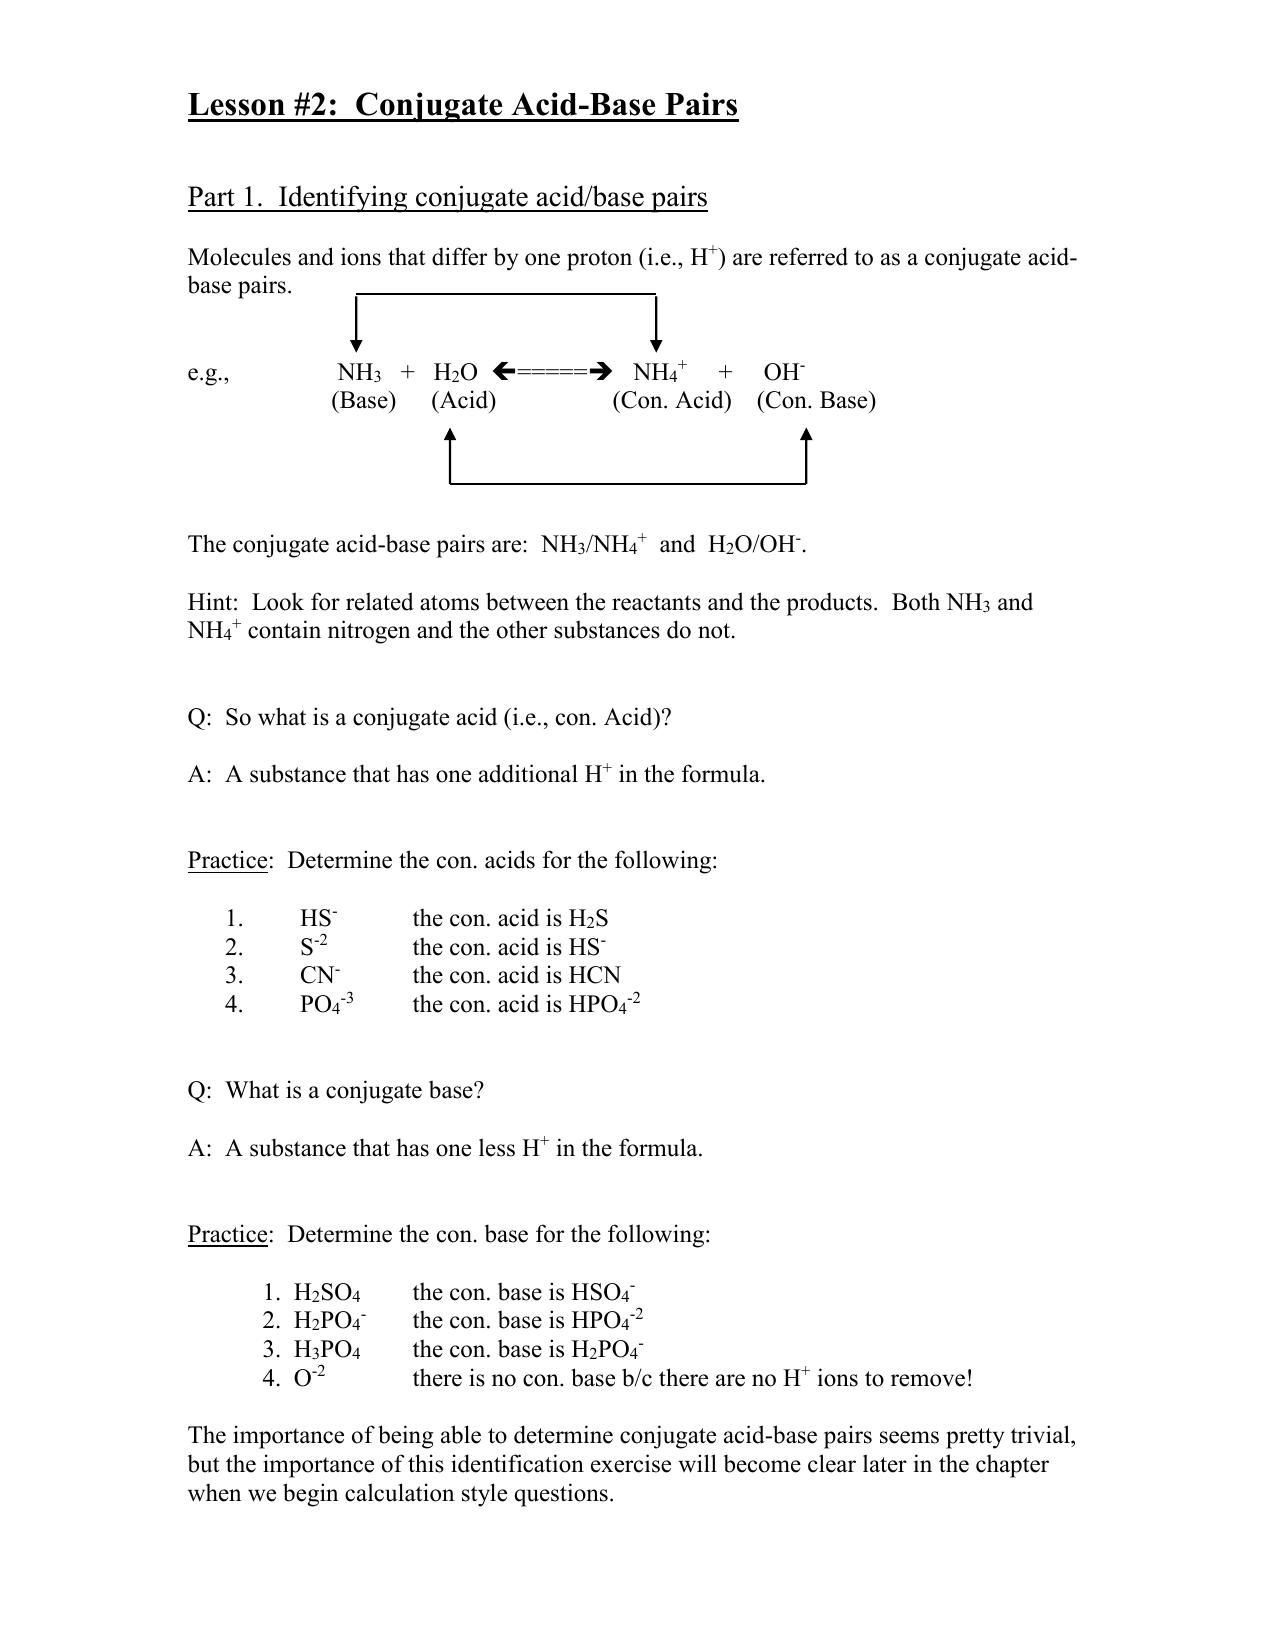 Lesson 2 Conjugate Acid